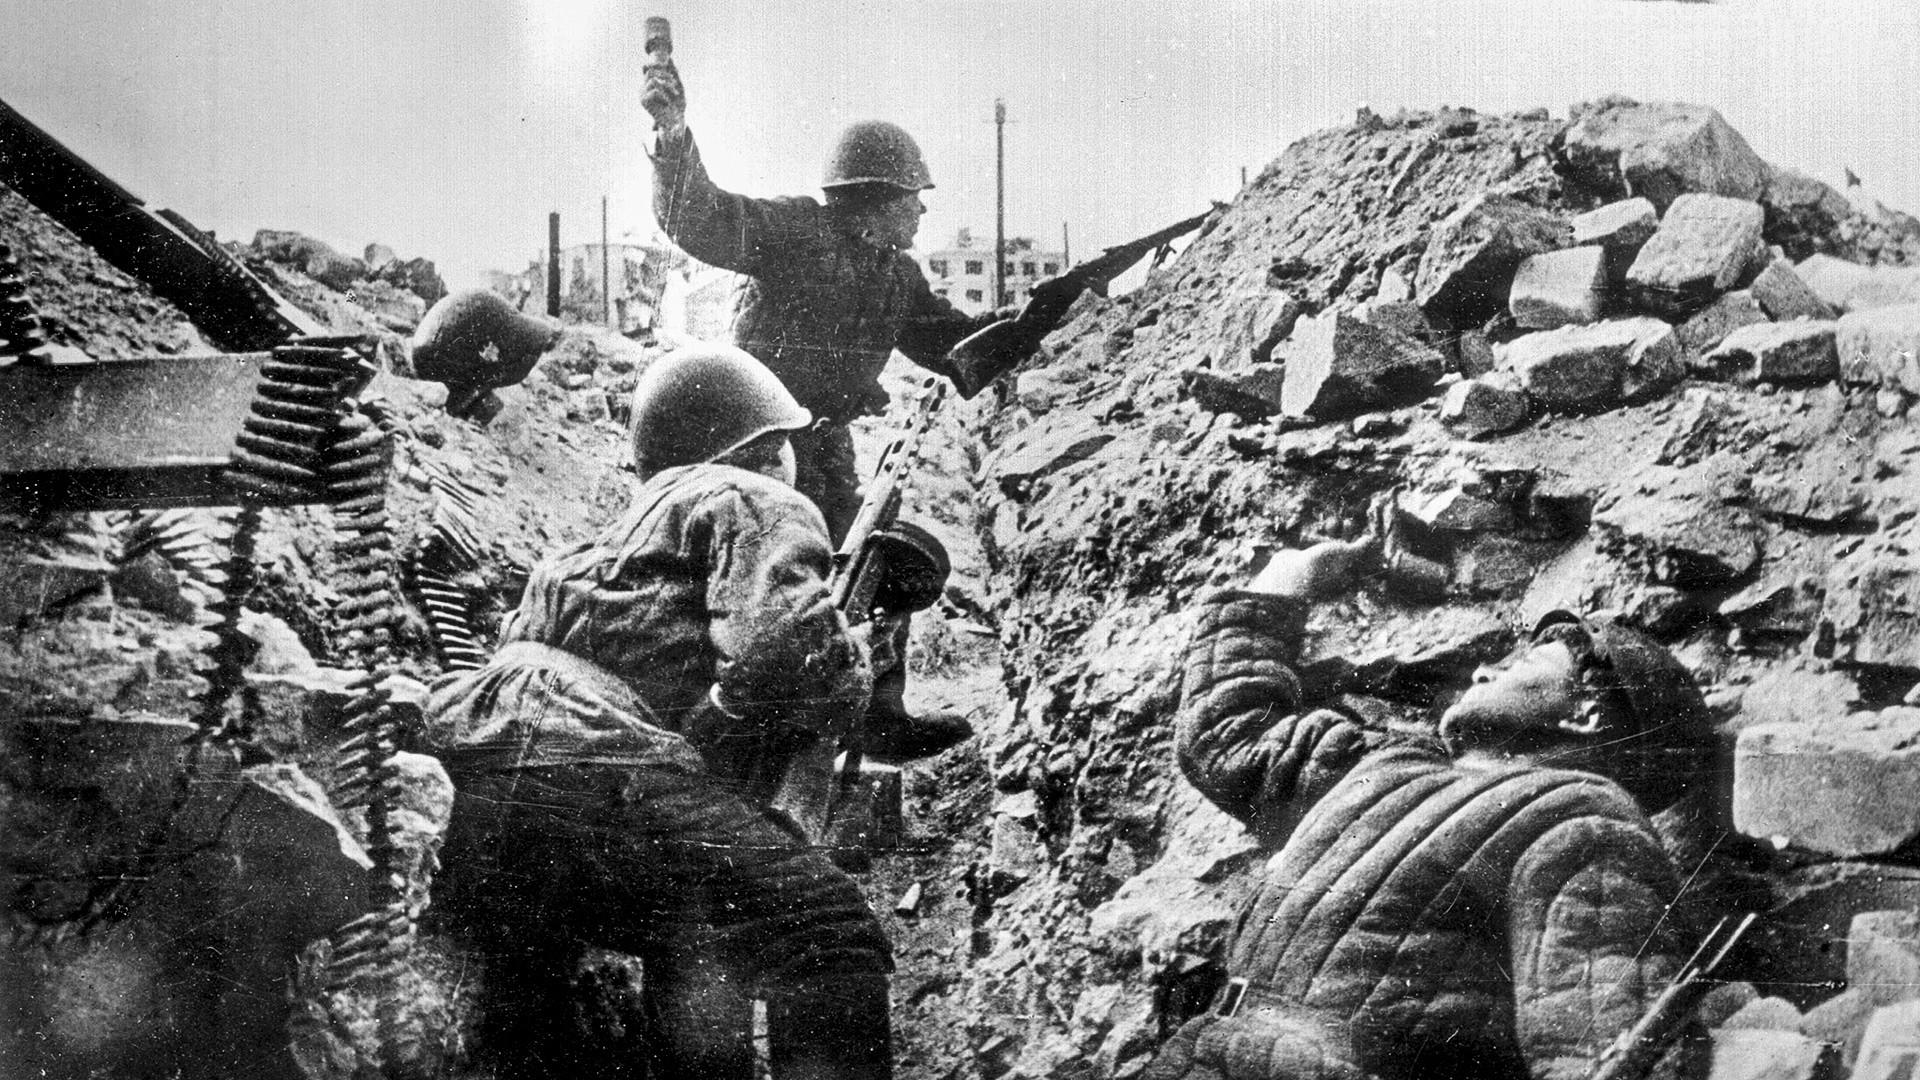 スターリングラード攻防戦、ソ連軍兵士